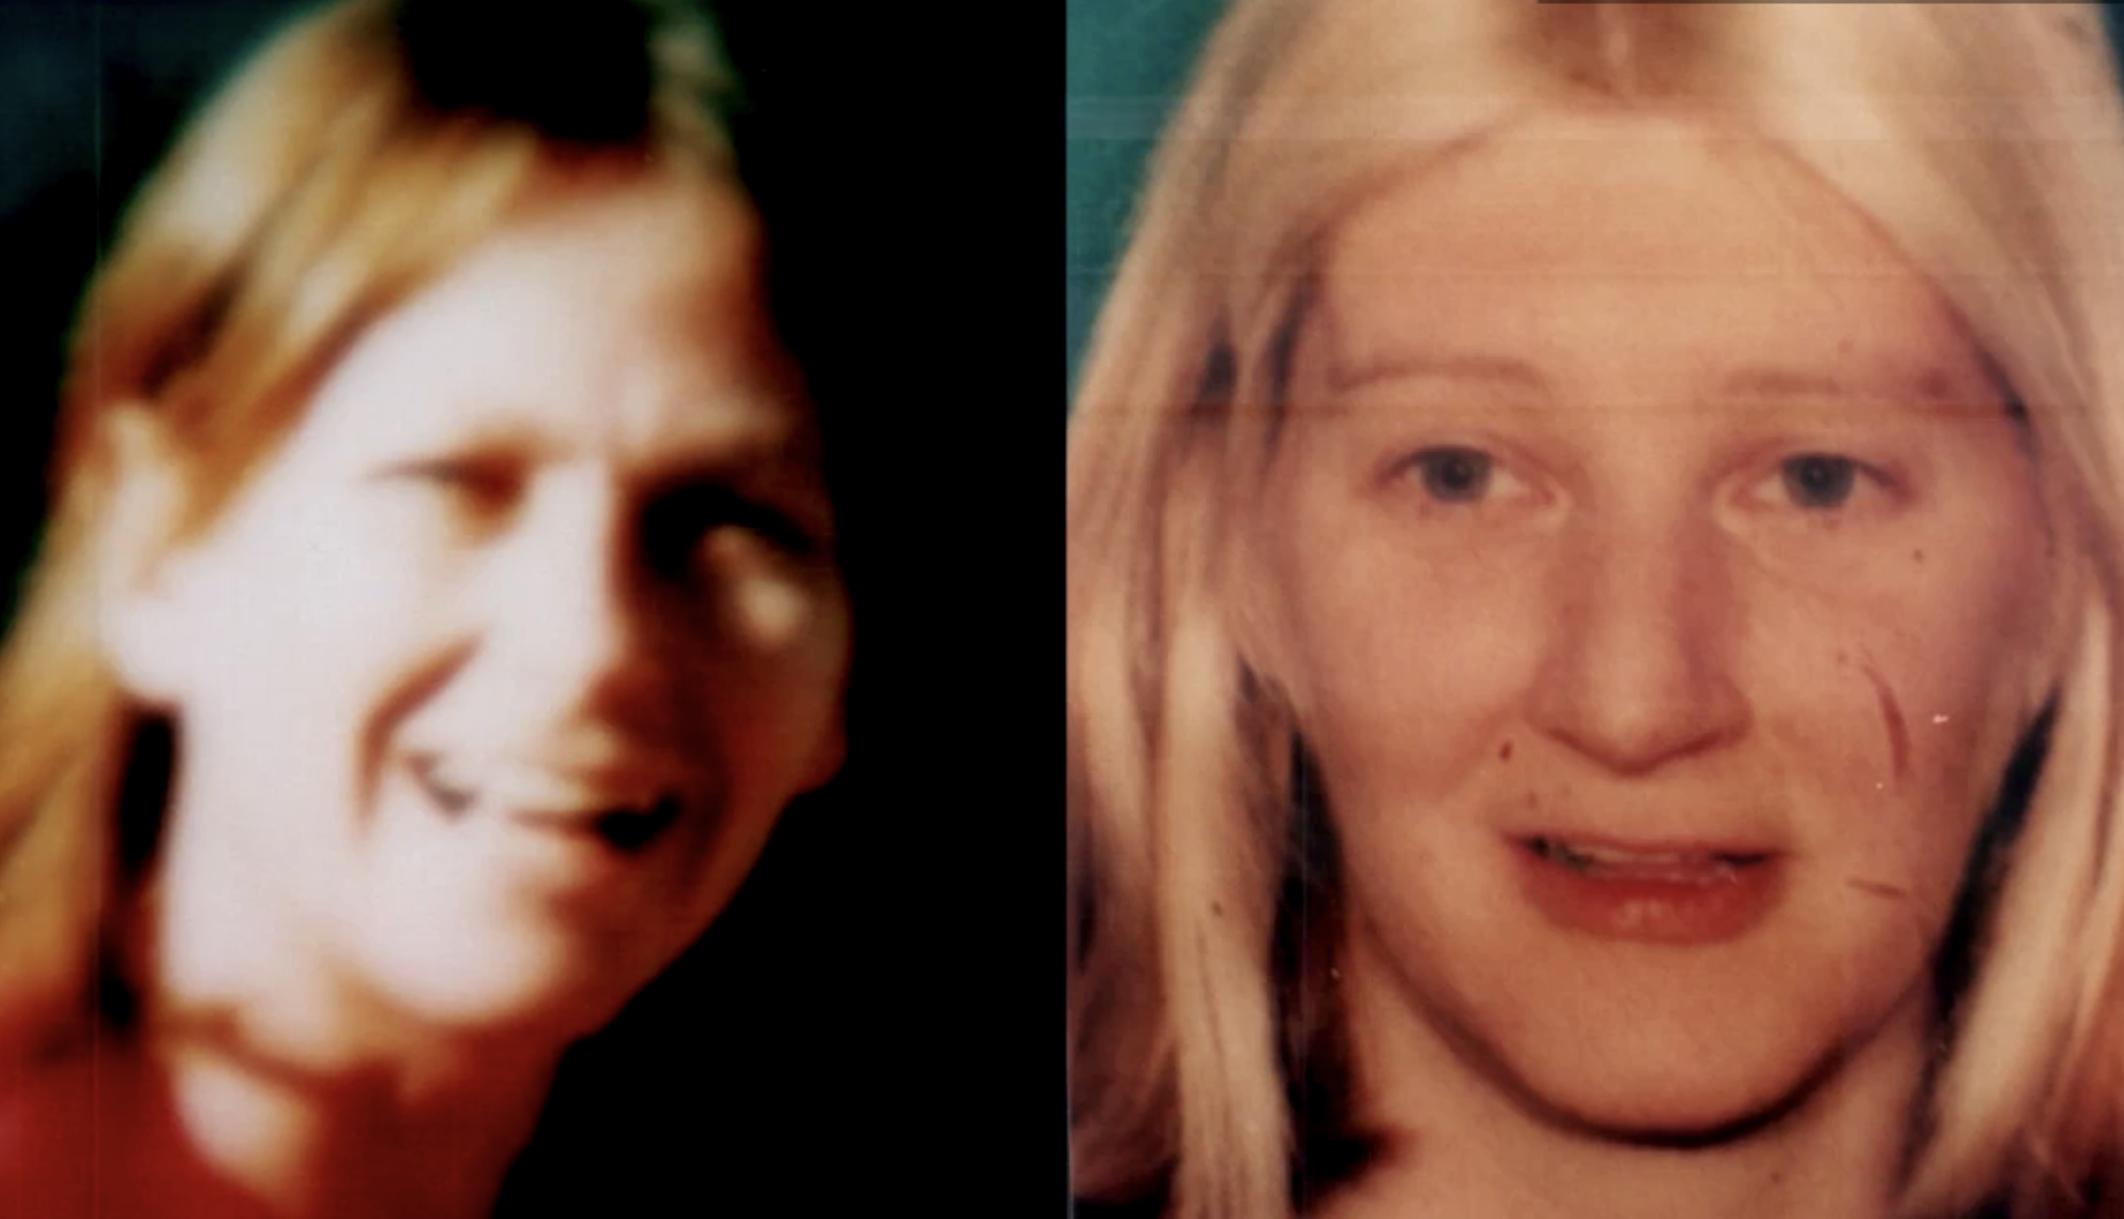 נשים שנרצחו באכזריות באותו כביש עצים מרוחק בוושינגטון בהפרש של 5 שנים